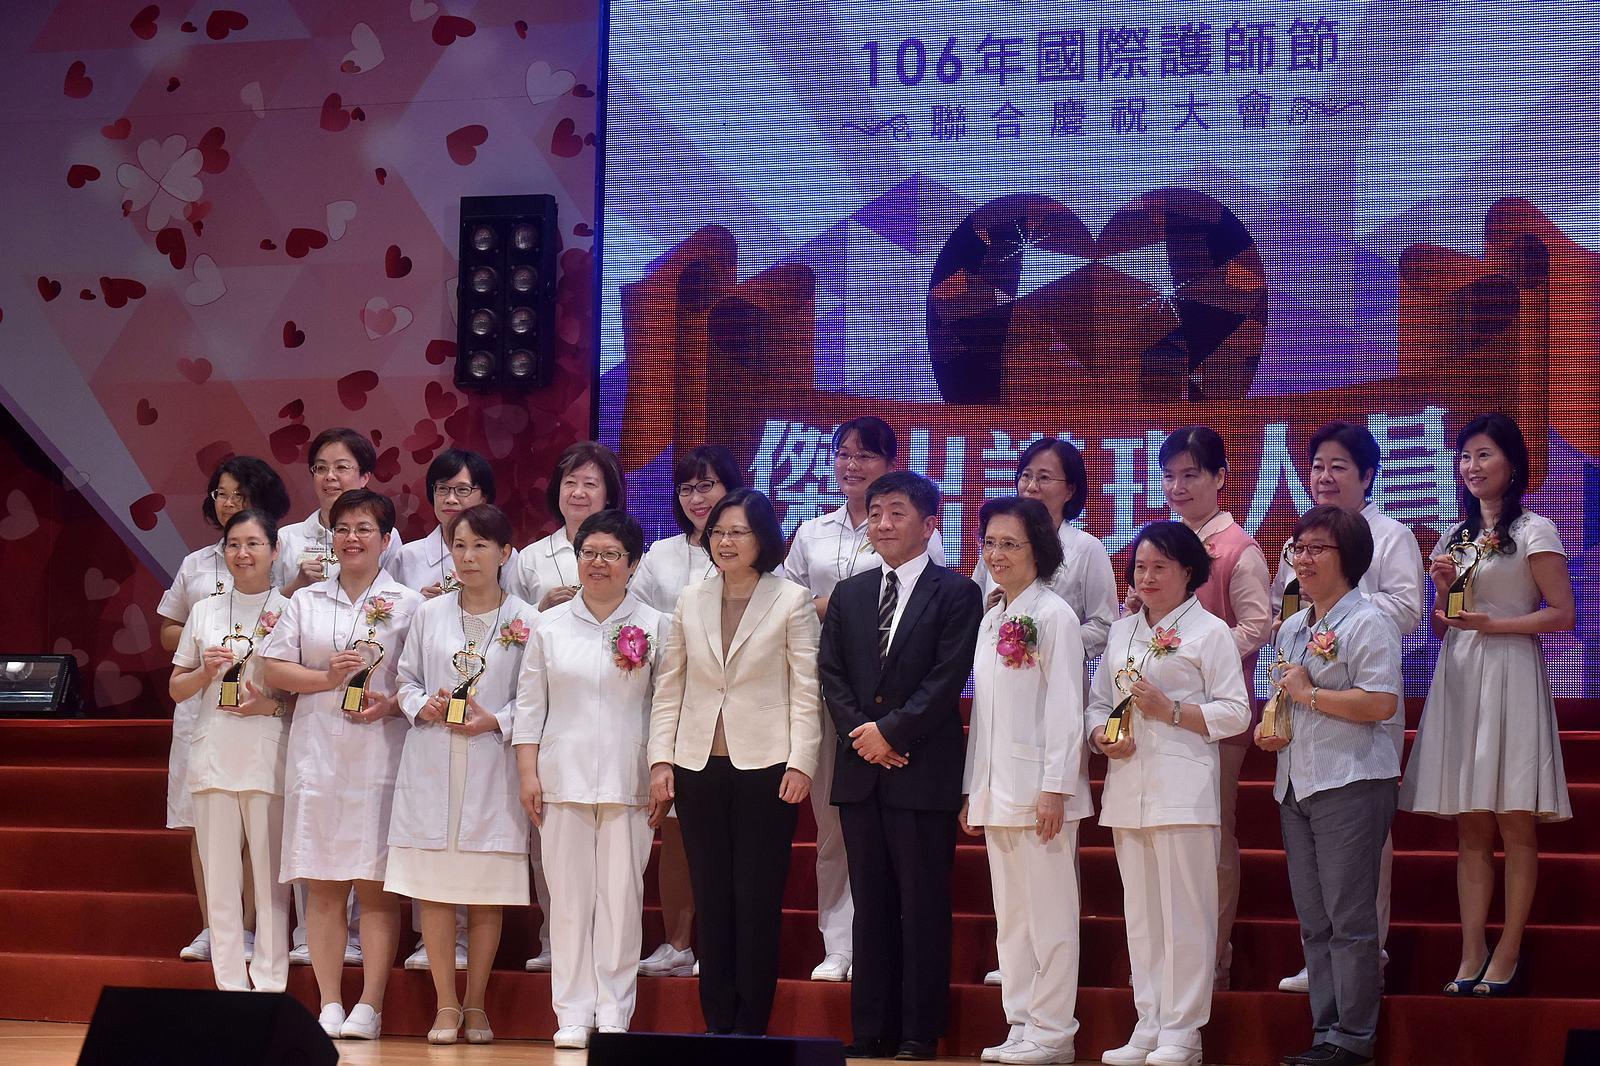 蔡總統出席頒發傑出護理人員專業貢獻獎與服務奉獻獎